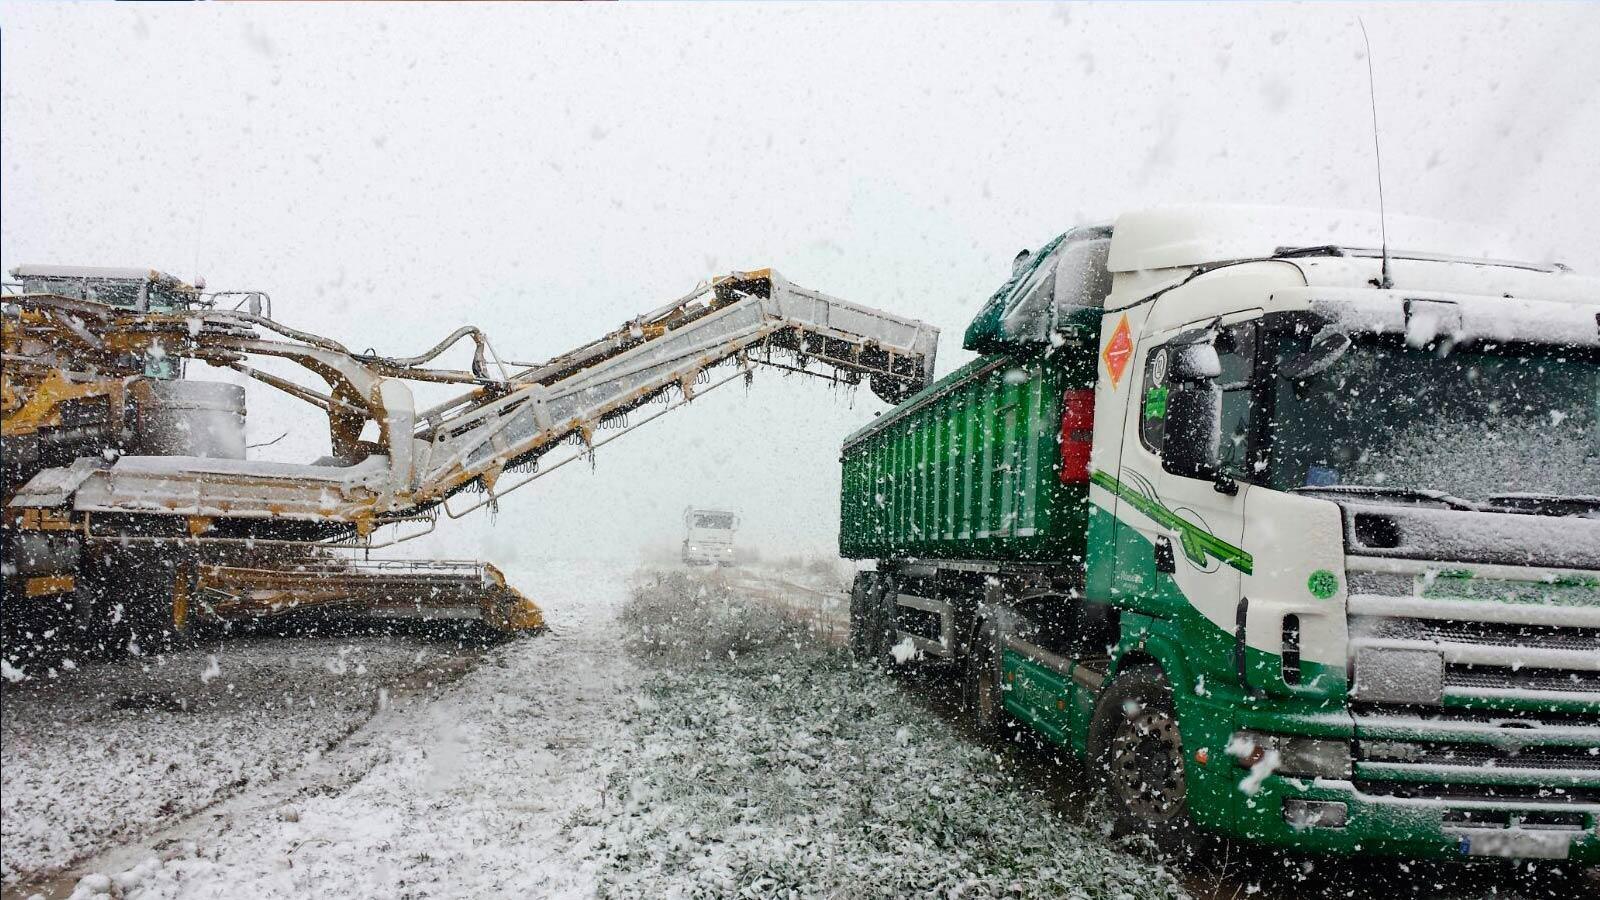 TRANSVOL es una cooperativa de servicios, su actividad fundamental es el transporte de materias primas a granel (Nacional e Internacional).